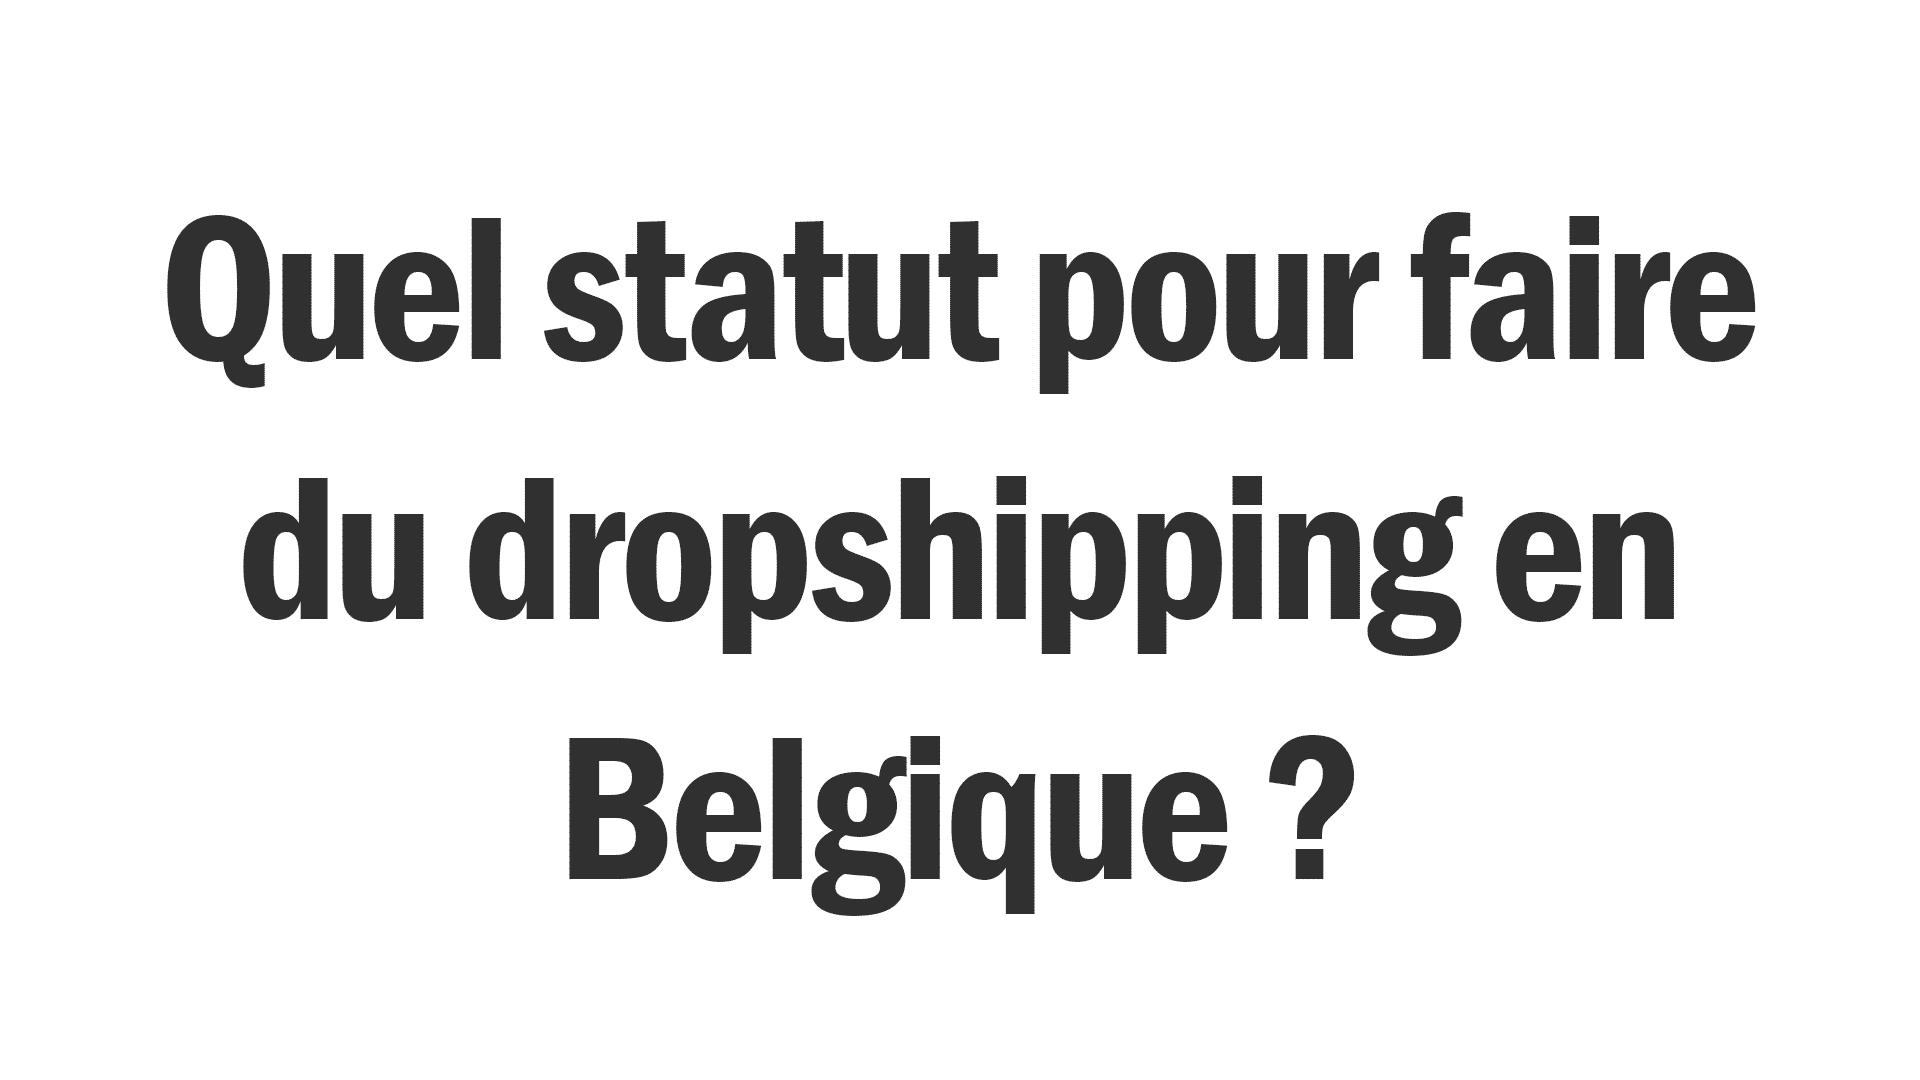 Une image blanche avec un texte demandant quel statut il faut pour entreprendre en belgique.